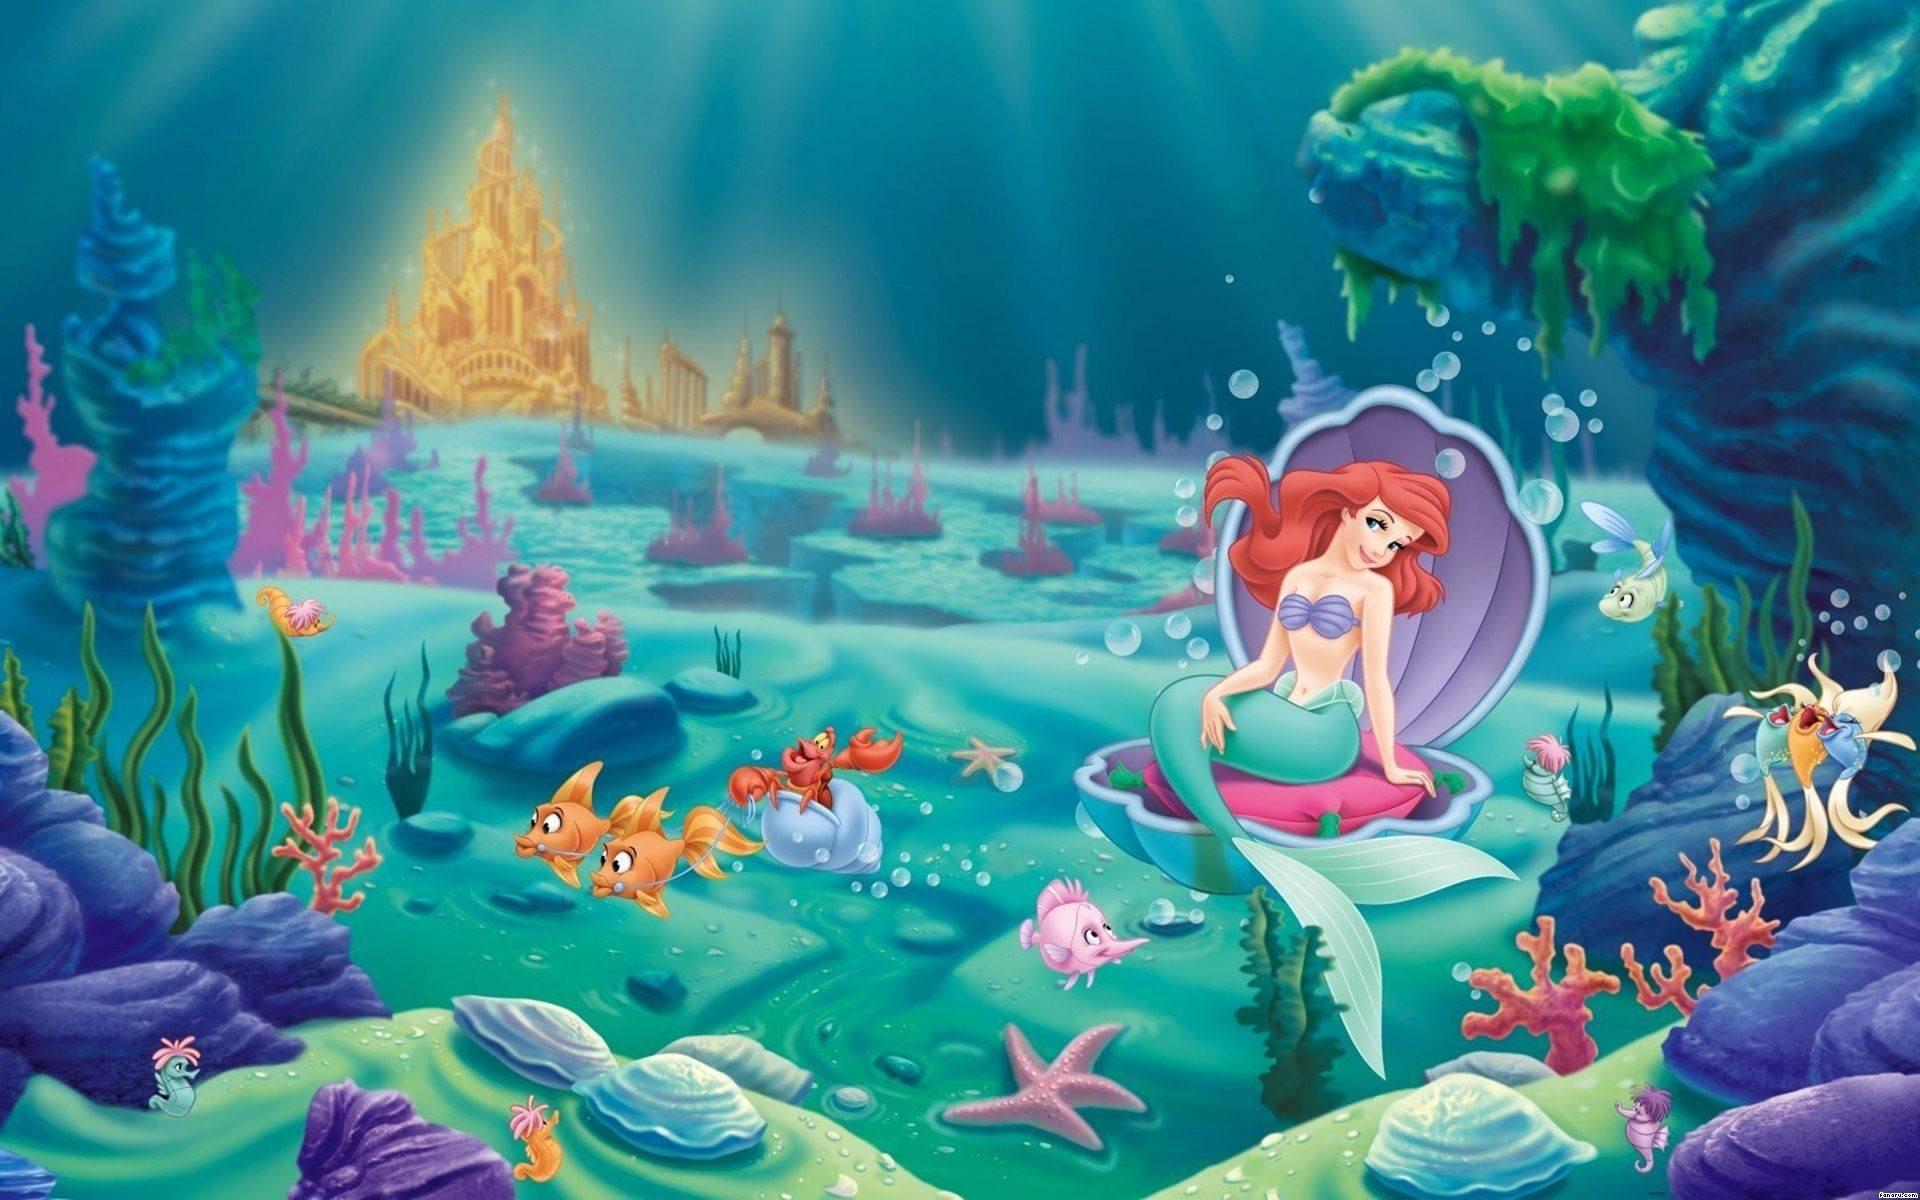 Beautiful Mermaids HD widescreen wallpaper | HD Wallpaper | Pinterest | Hd  widescreen wallpapers, Widescreen wallpaper and Mermaid